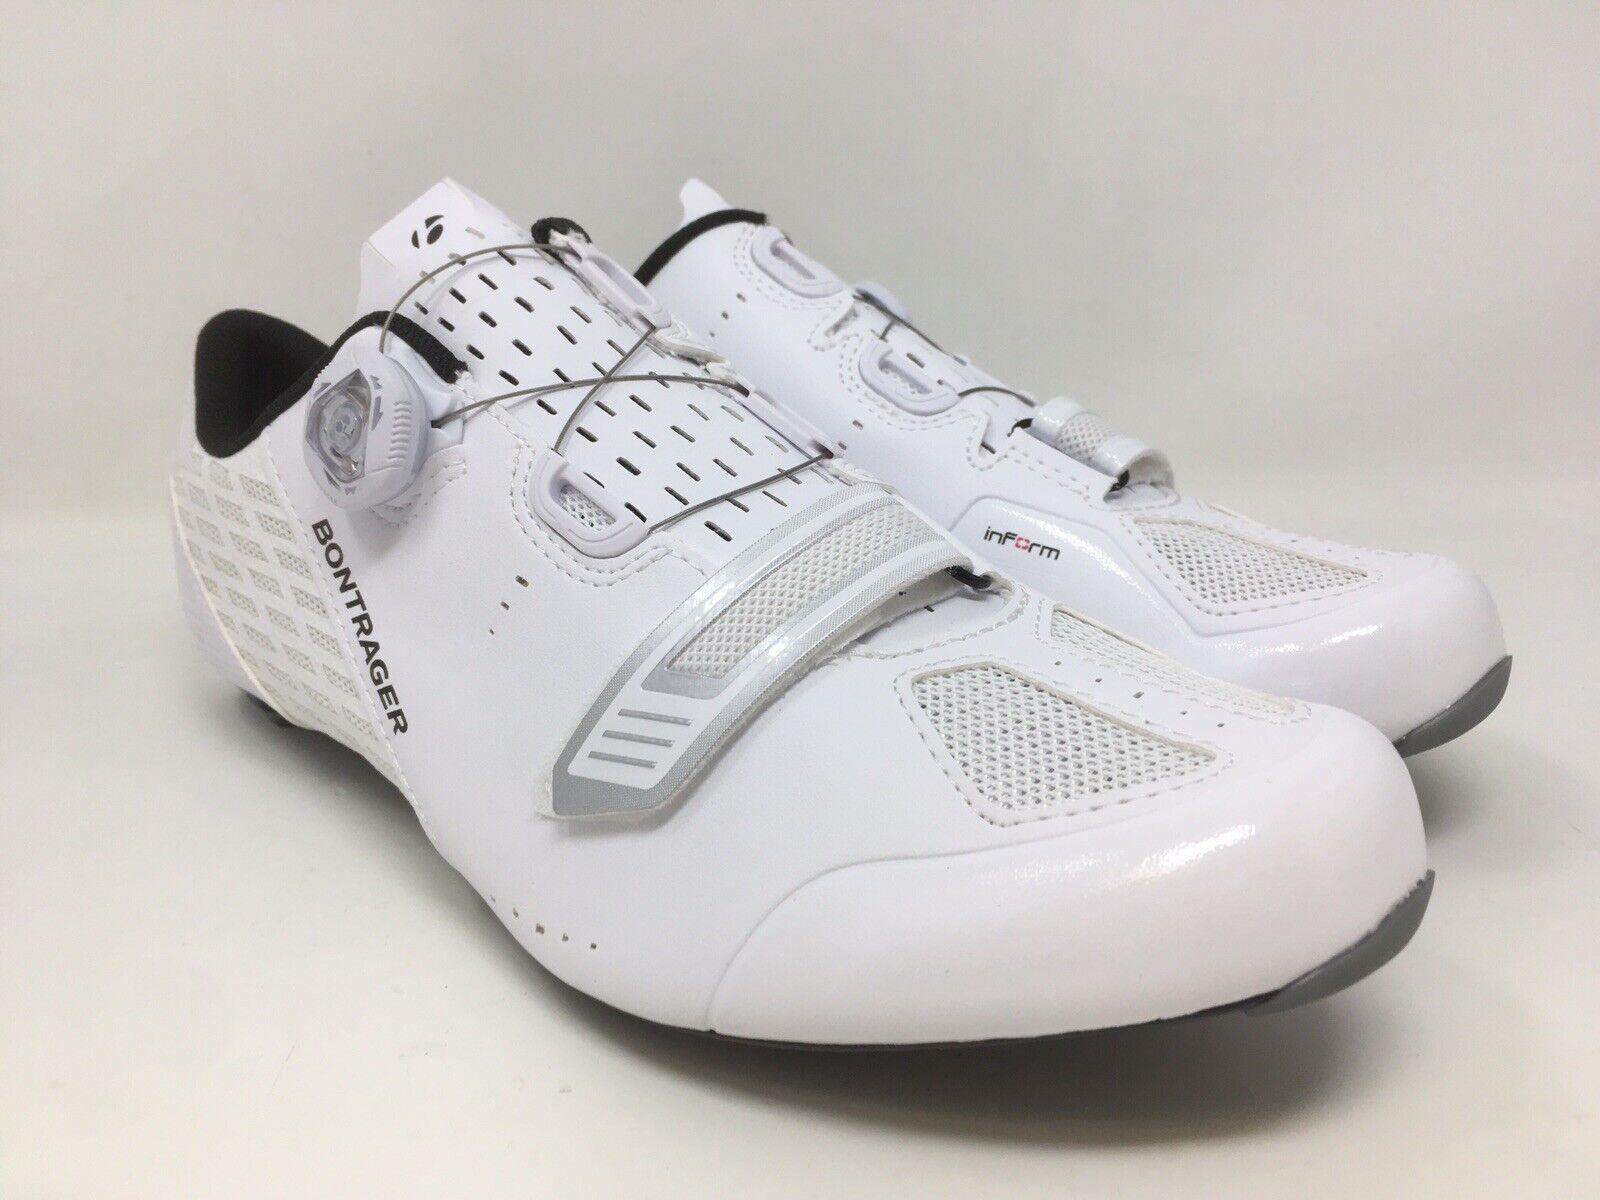 Nuevos Zapatos de carretera de carbono Bontrager velocis blancoo Varias Tallas Nuevo en Caja